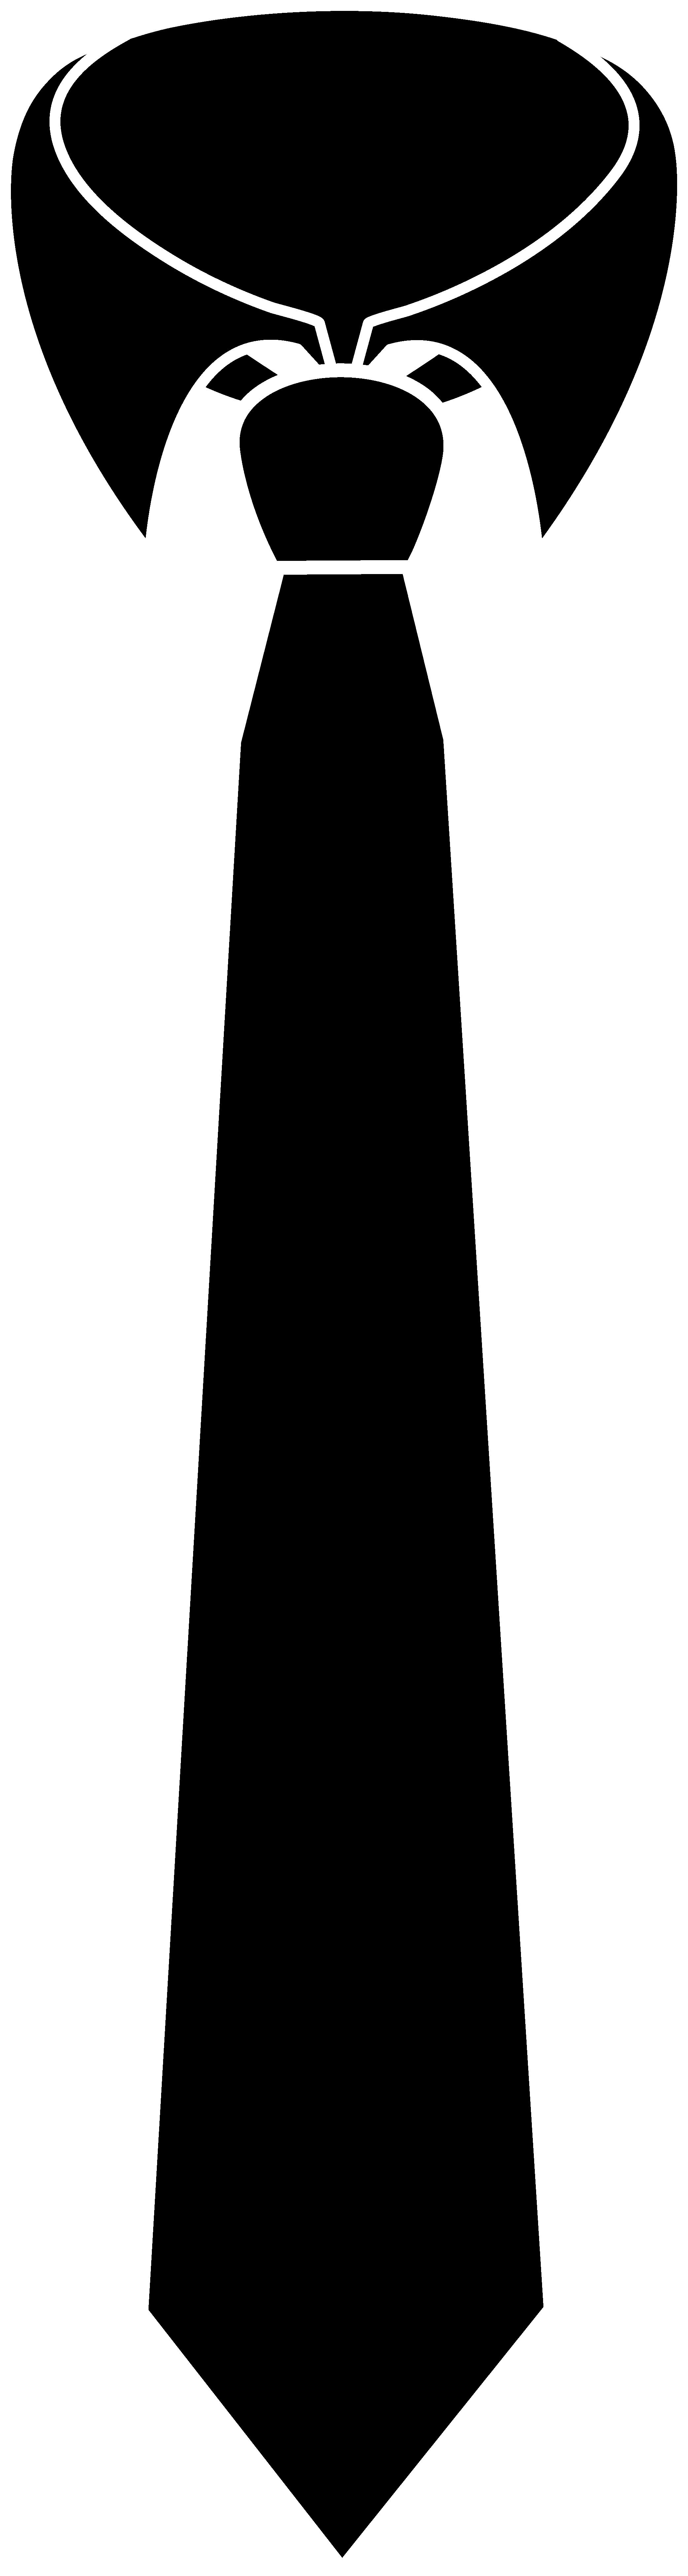 2084x7808 15 Tie Vector Png For Free Download On Mbtskoudsalg